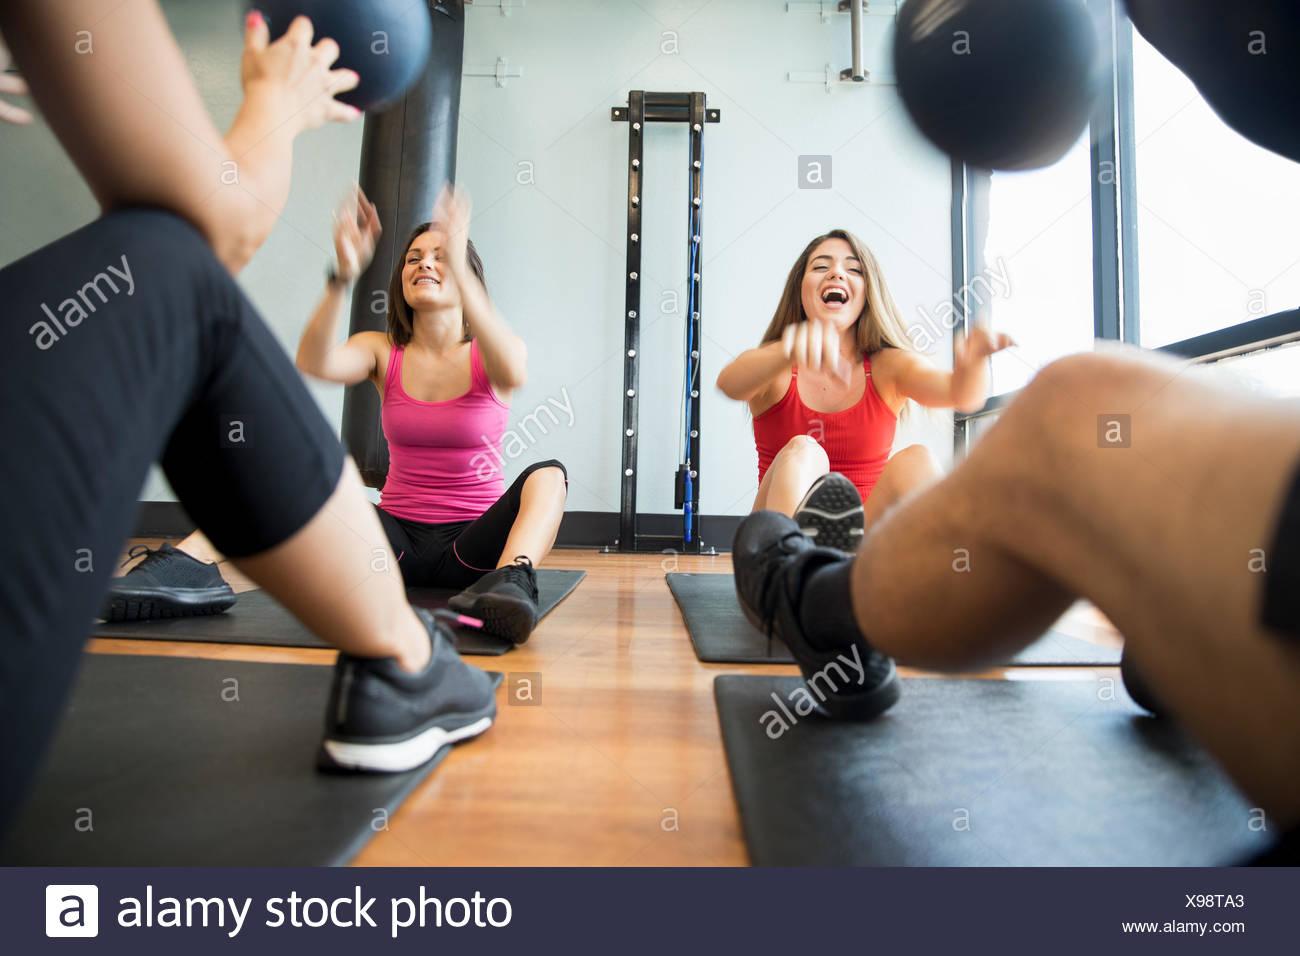 Freunde Training mit Medizinball in der Turnhalle Stockbild